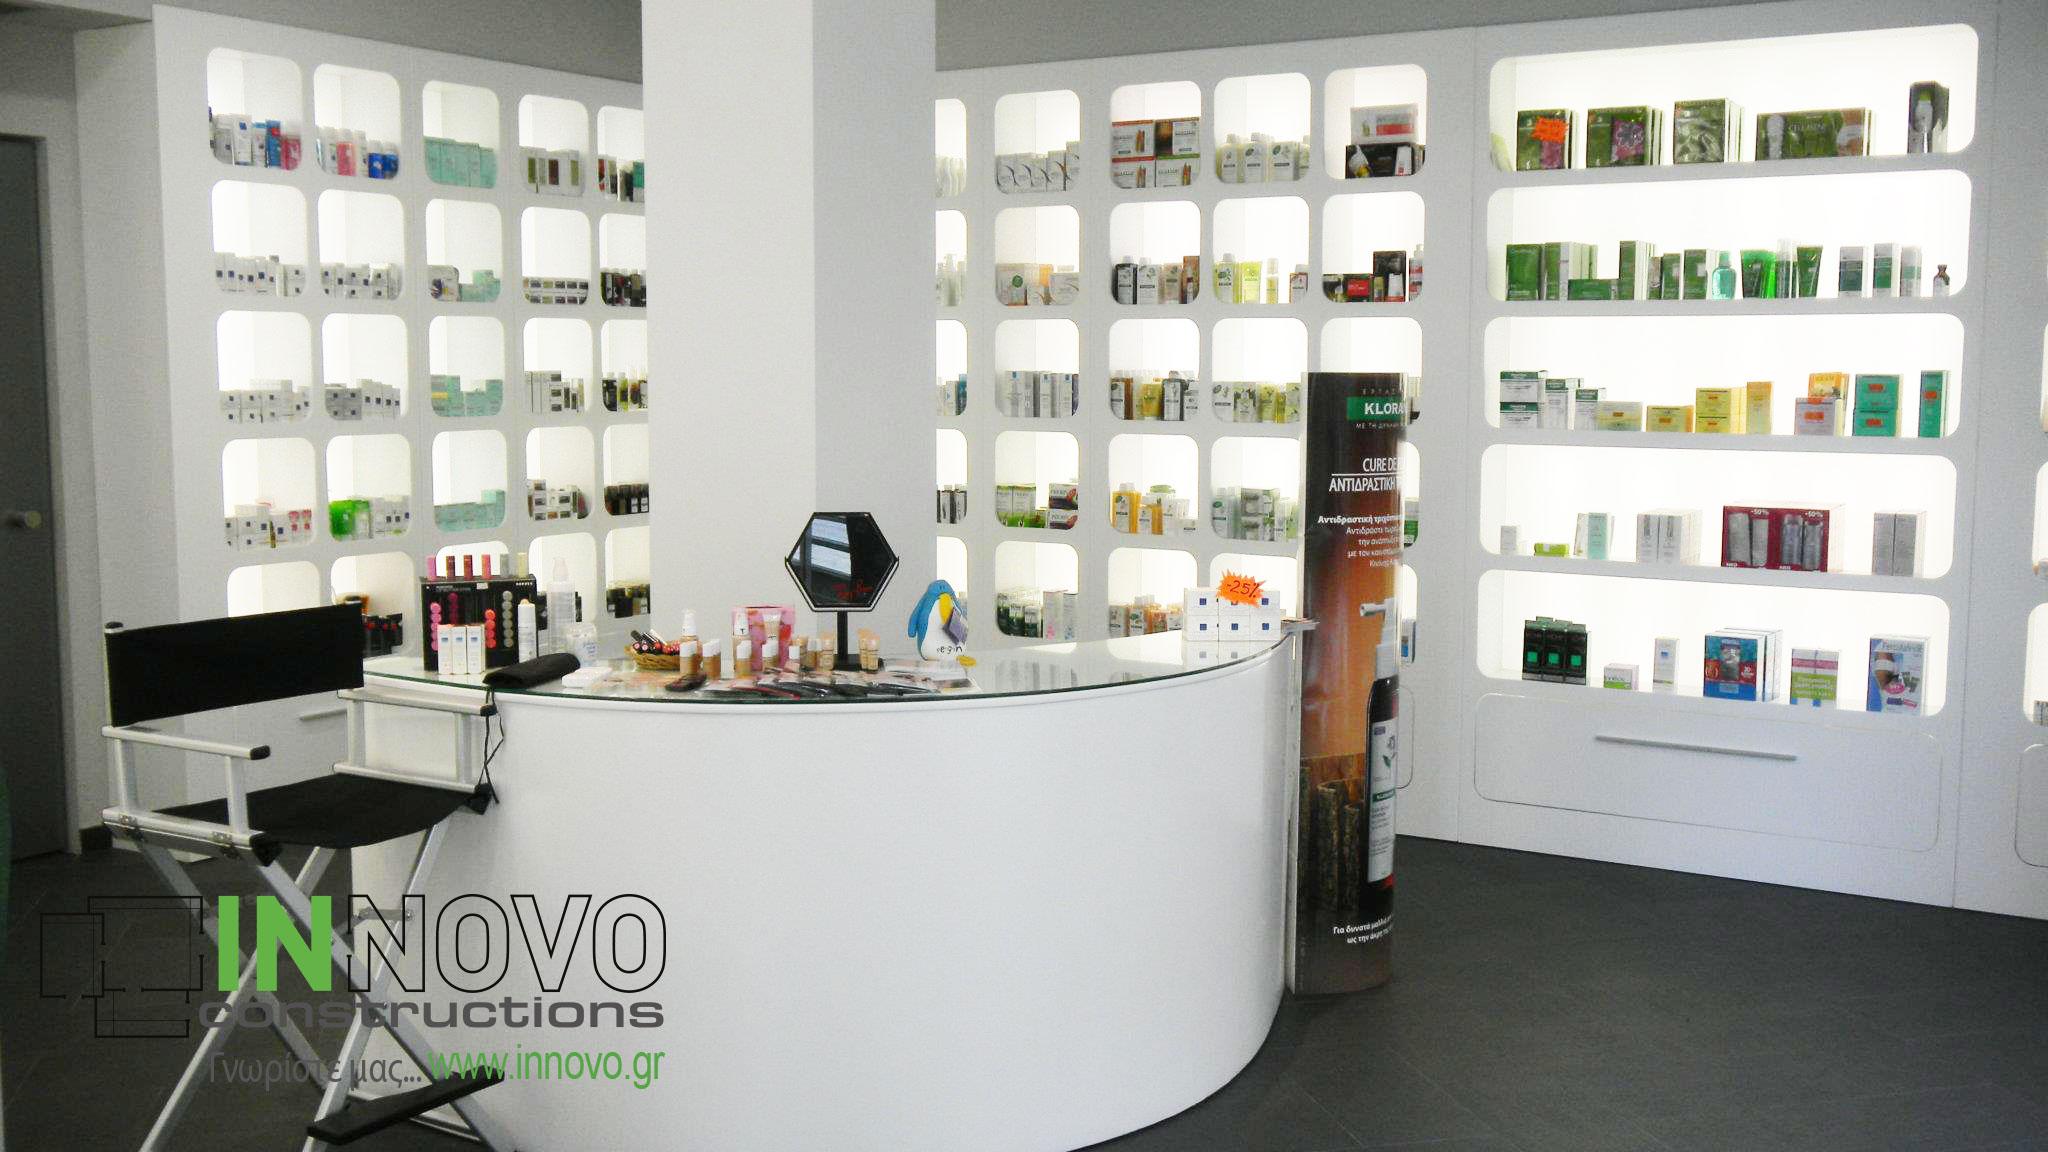 Ανακαινίσεις φαρμακείων Ρέντη